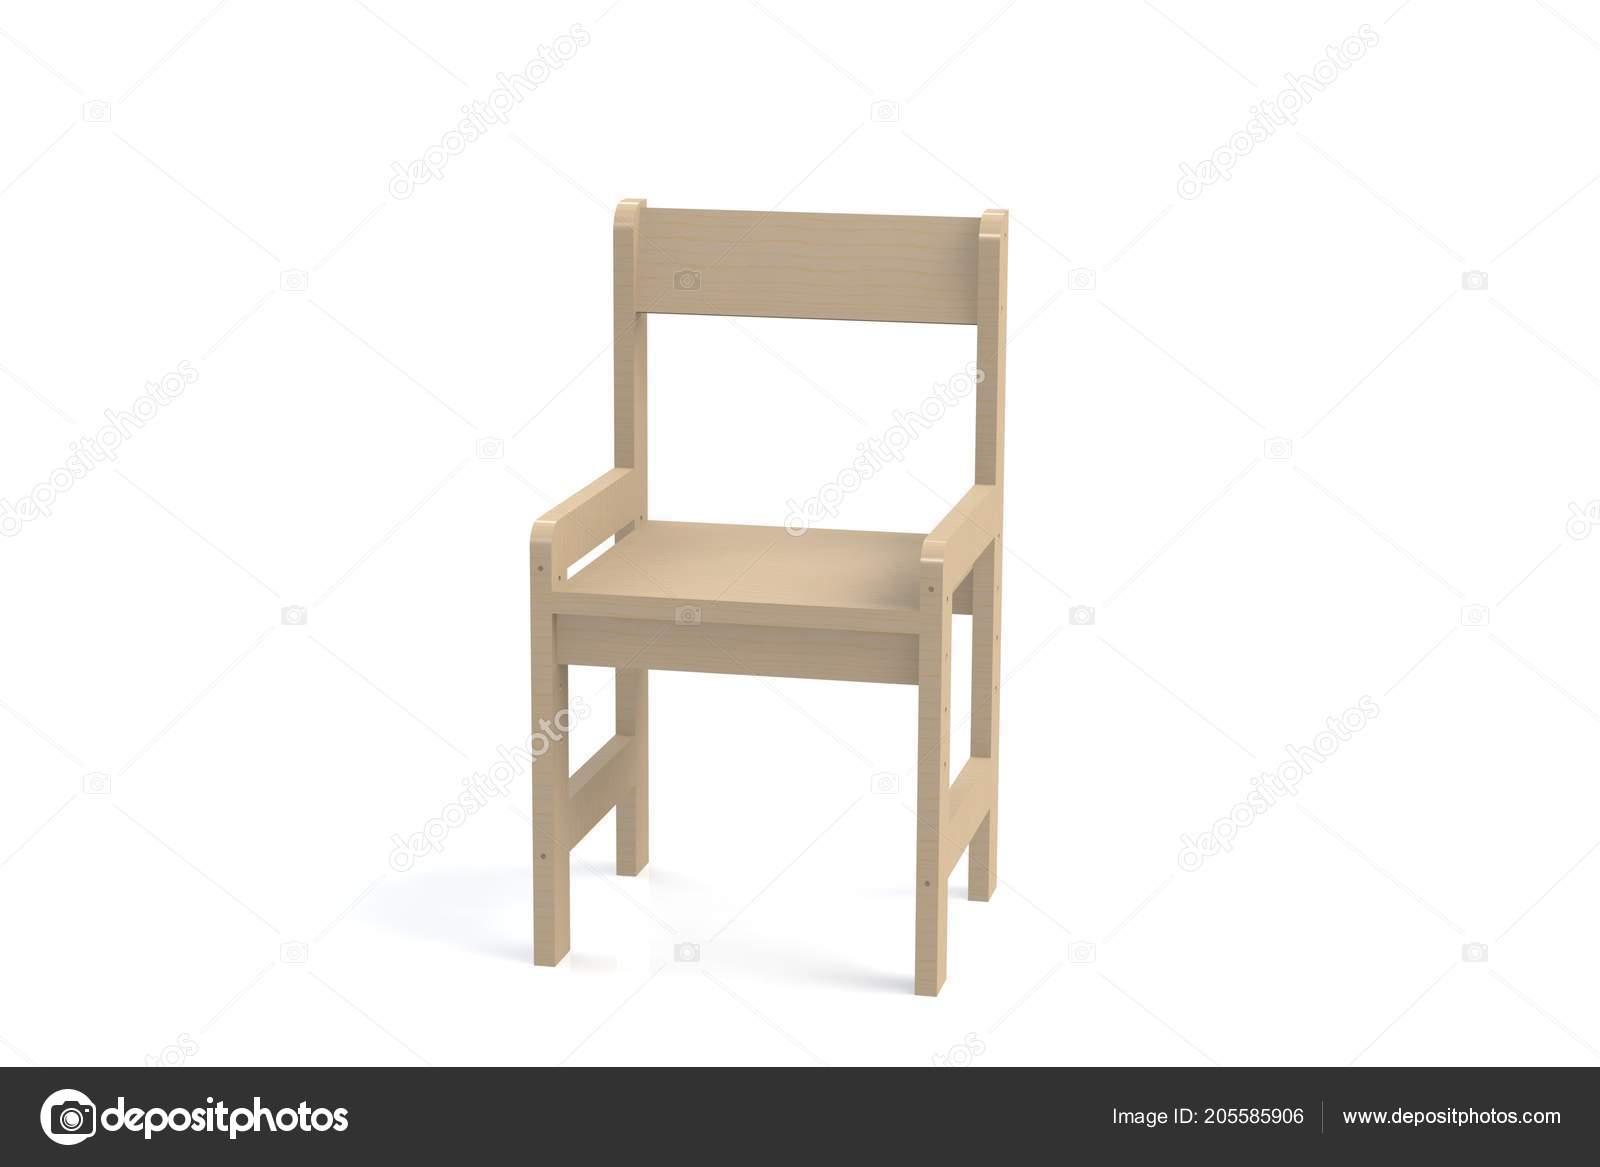 Houten Kinderstoel Wit.Kleine Houten Kinderstoel Een Witte Achtergrond Weergave Van Het